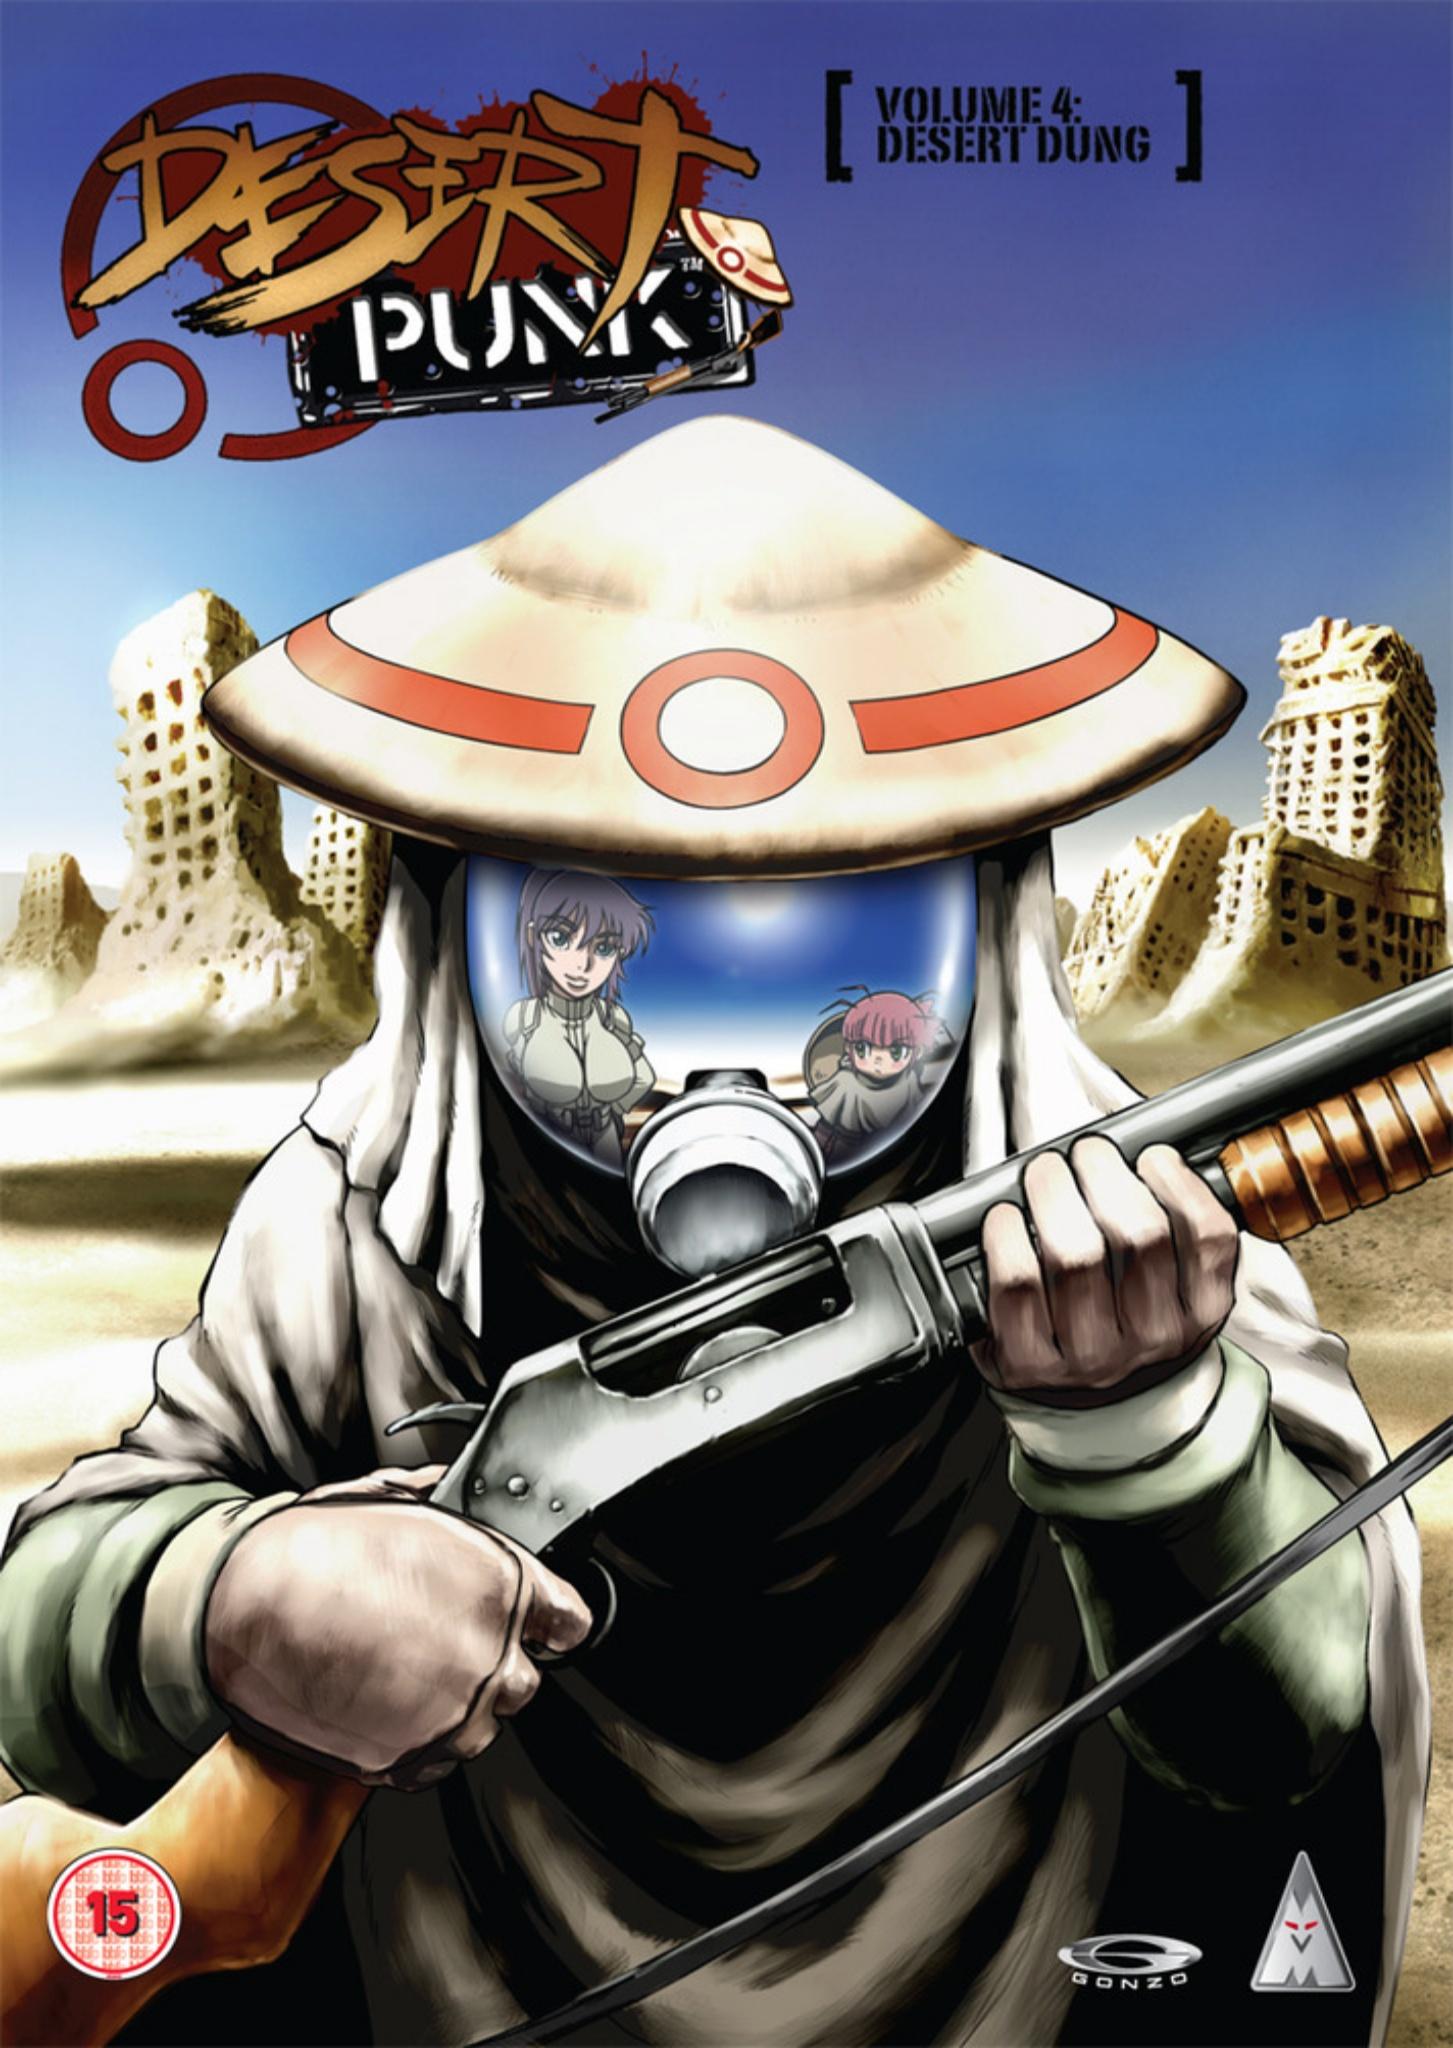 Desert Punk | DVDrip | Cast/Jap | 10/24 | MKV-960p | x264 Desert-Punk